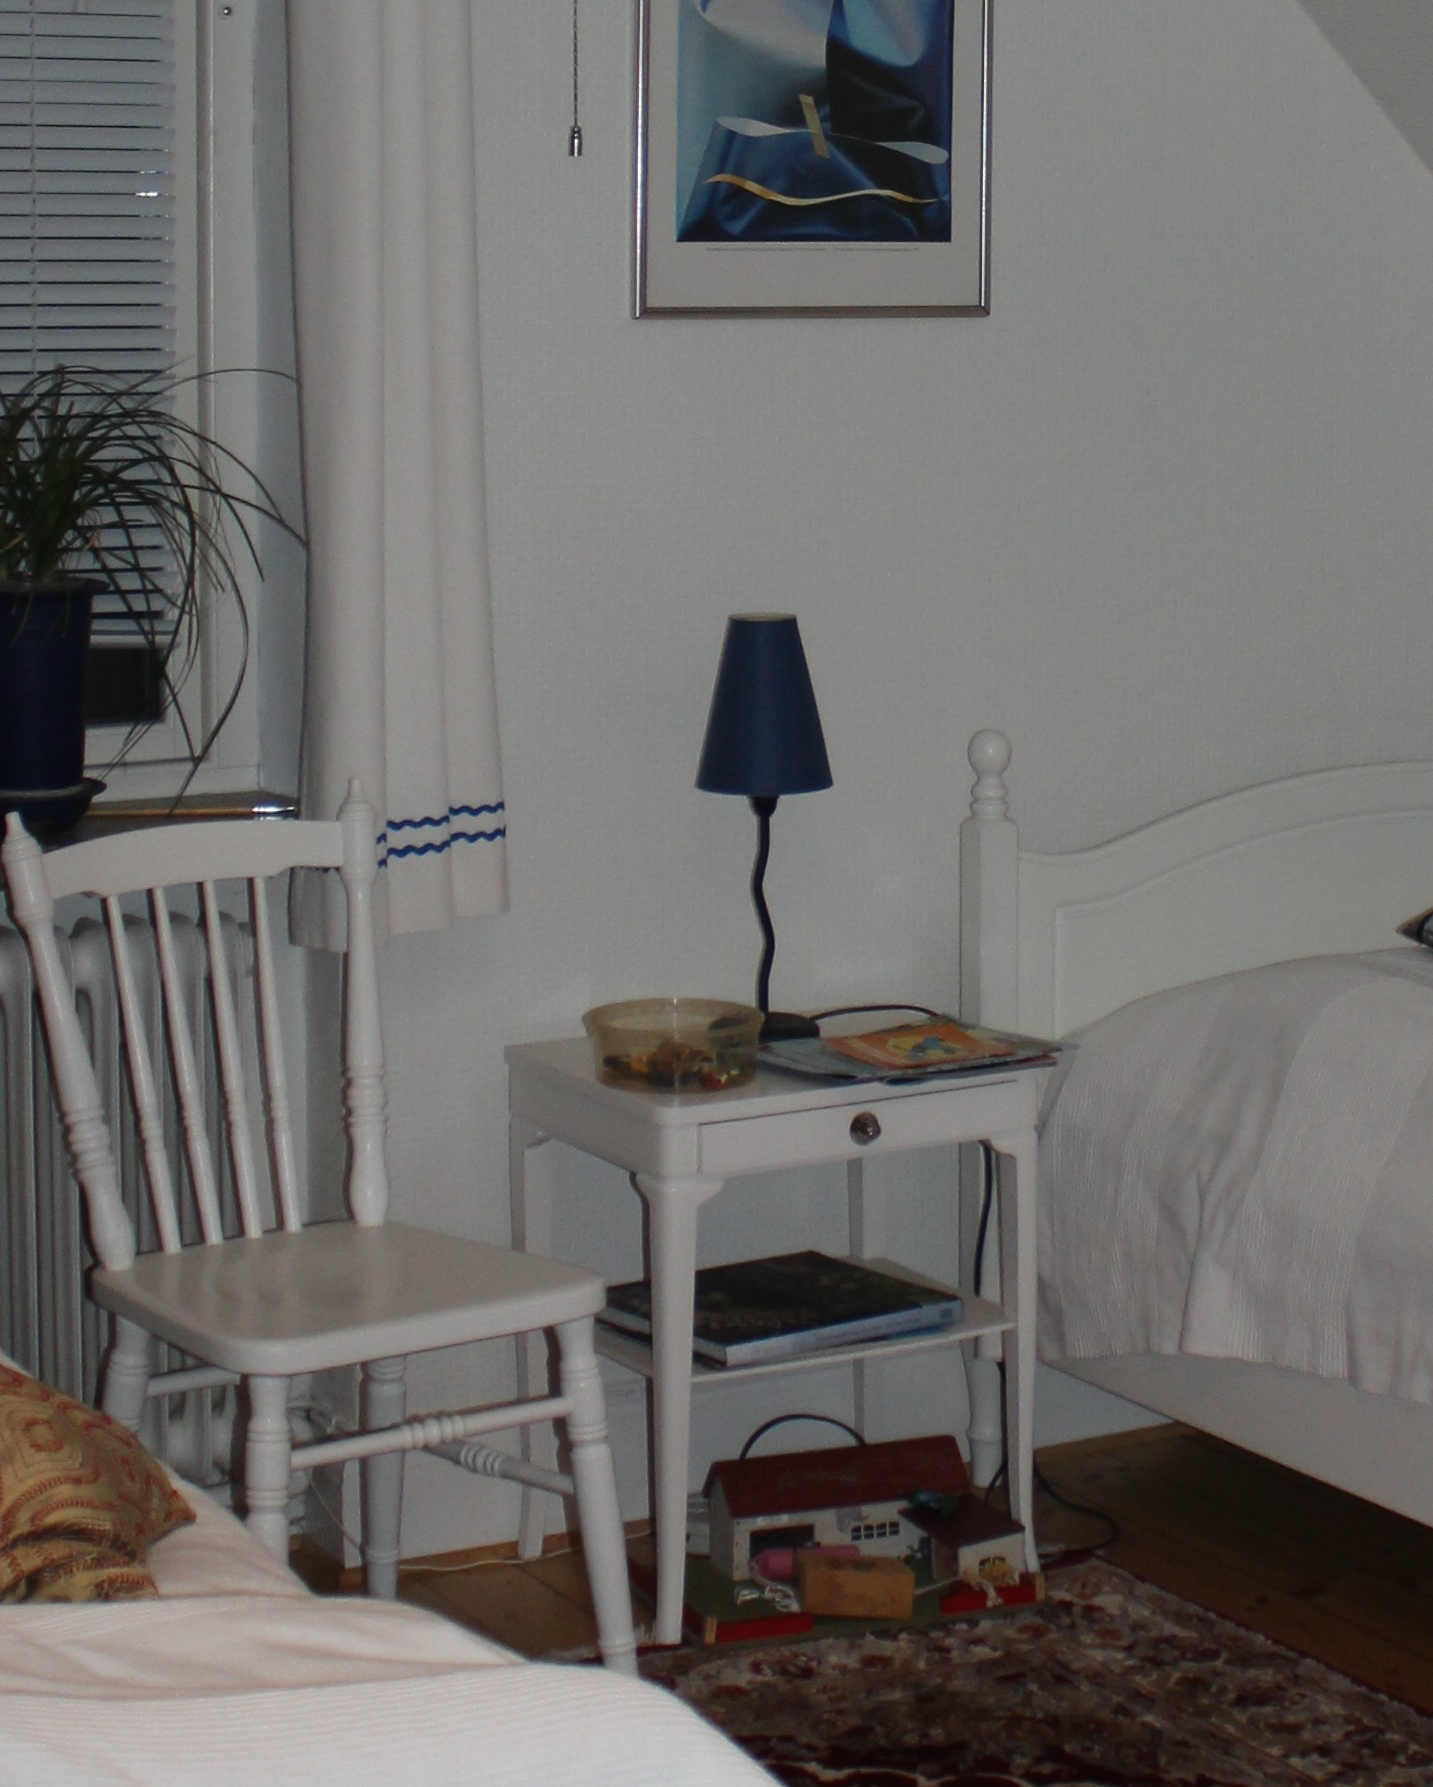 """Min syster fick ha sitt rum där uppe i hallen, utanför toaletten. För att inte riskera att behöva dela rum med henne såg jag till att byta rum med min bror så att jag fick det lilla rummet i söder. Idag tycker jag att det är det mysigaste rummet. Under slänttaket var den naturligaste platsen för sängen och ett av mormors nattygsbord med utsvängda ben och en liten silverfärgad lådknopp. Mitt emot placerade jag mormors matchande byrå med tillhörande spegel. Mor hade målat den vit. I den översta lådan som bara var smal förvarade jag borstar och hårband. I den mittersta lådan (där bottnen brukade hoppa av) hade jag strumpor och underkläder. I den understa lådan förvarade jag tröjor sorterade efter finhetsgrad. Jag hade inte så många kläder eftersom det inte fanns någon att ärva av. Två ribbstickade tröjor, en vinröd och en marinblå, en långärmad skoltröja, någon urväxt tröja som jag inte var rädd om och som jag bytte till när jag kom hem från skolan. Skrivbordet fick plats vid ett nytt fönster och bredvid det placerade jag en gammal fatölj som skulle slängas. Det sades att den var """"fasters""""."""